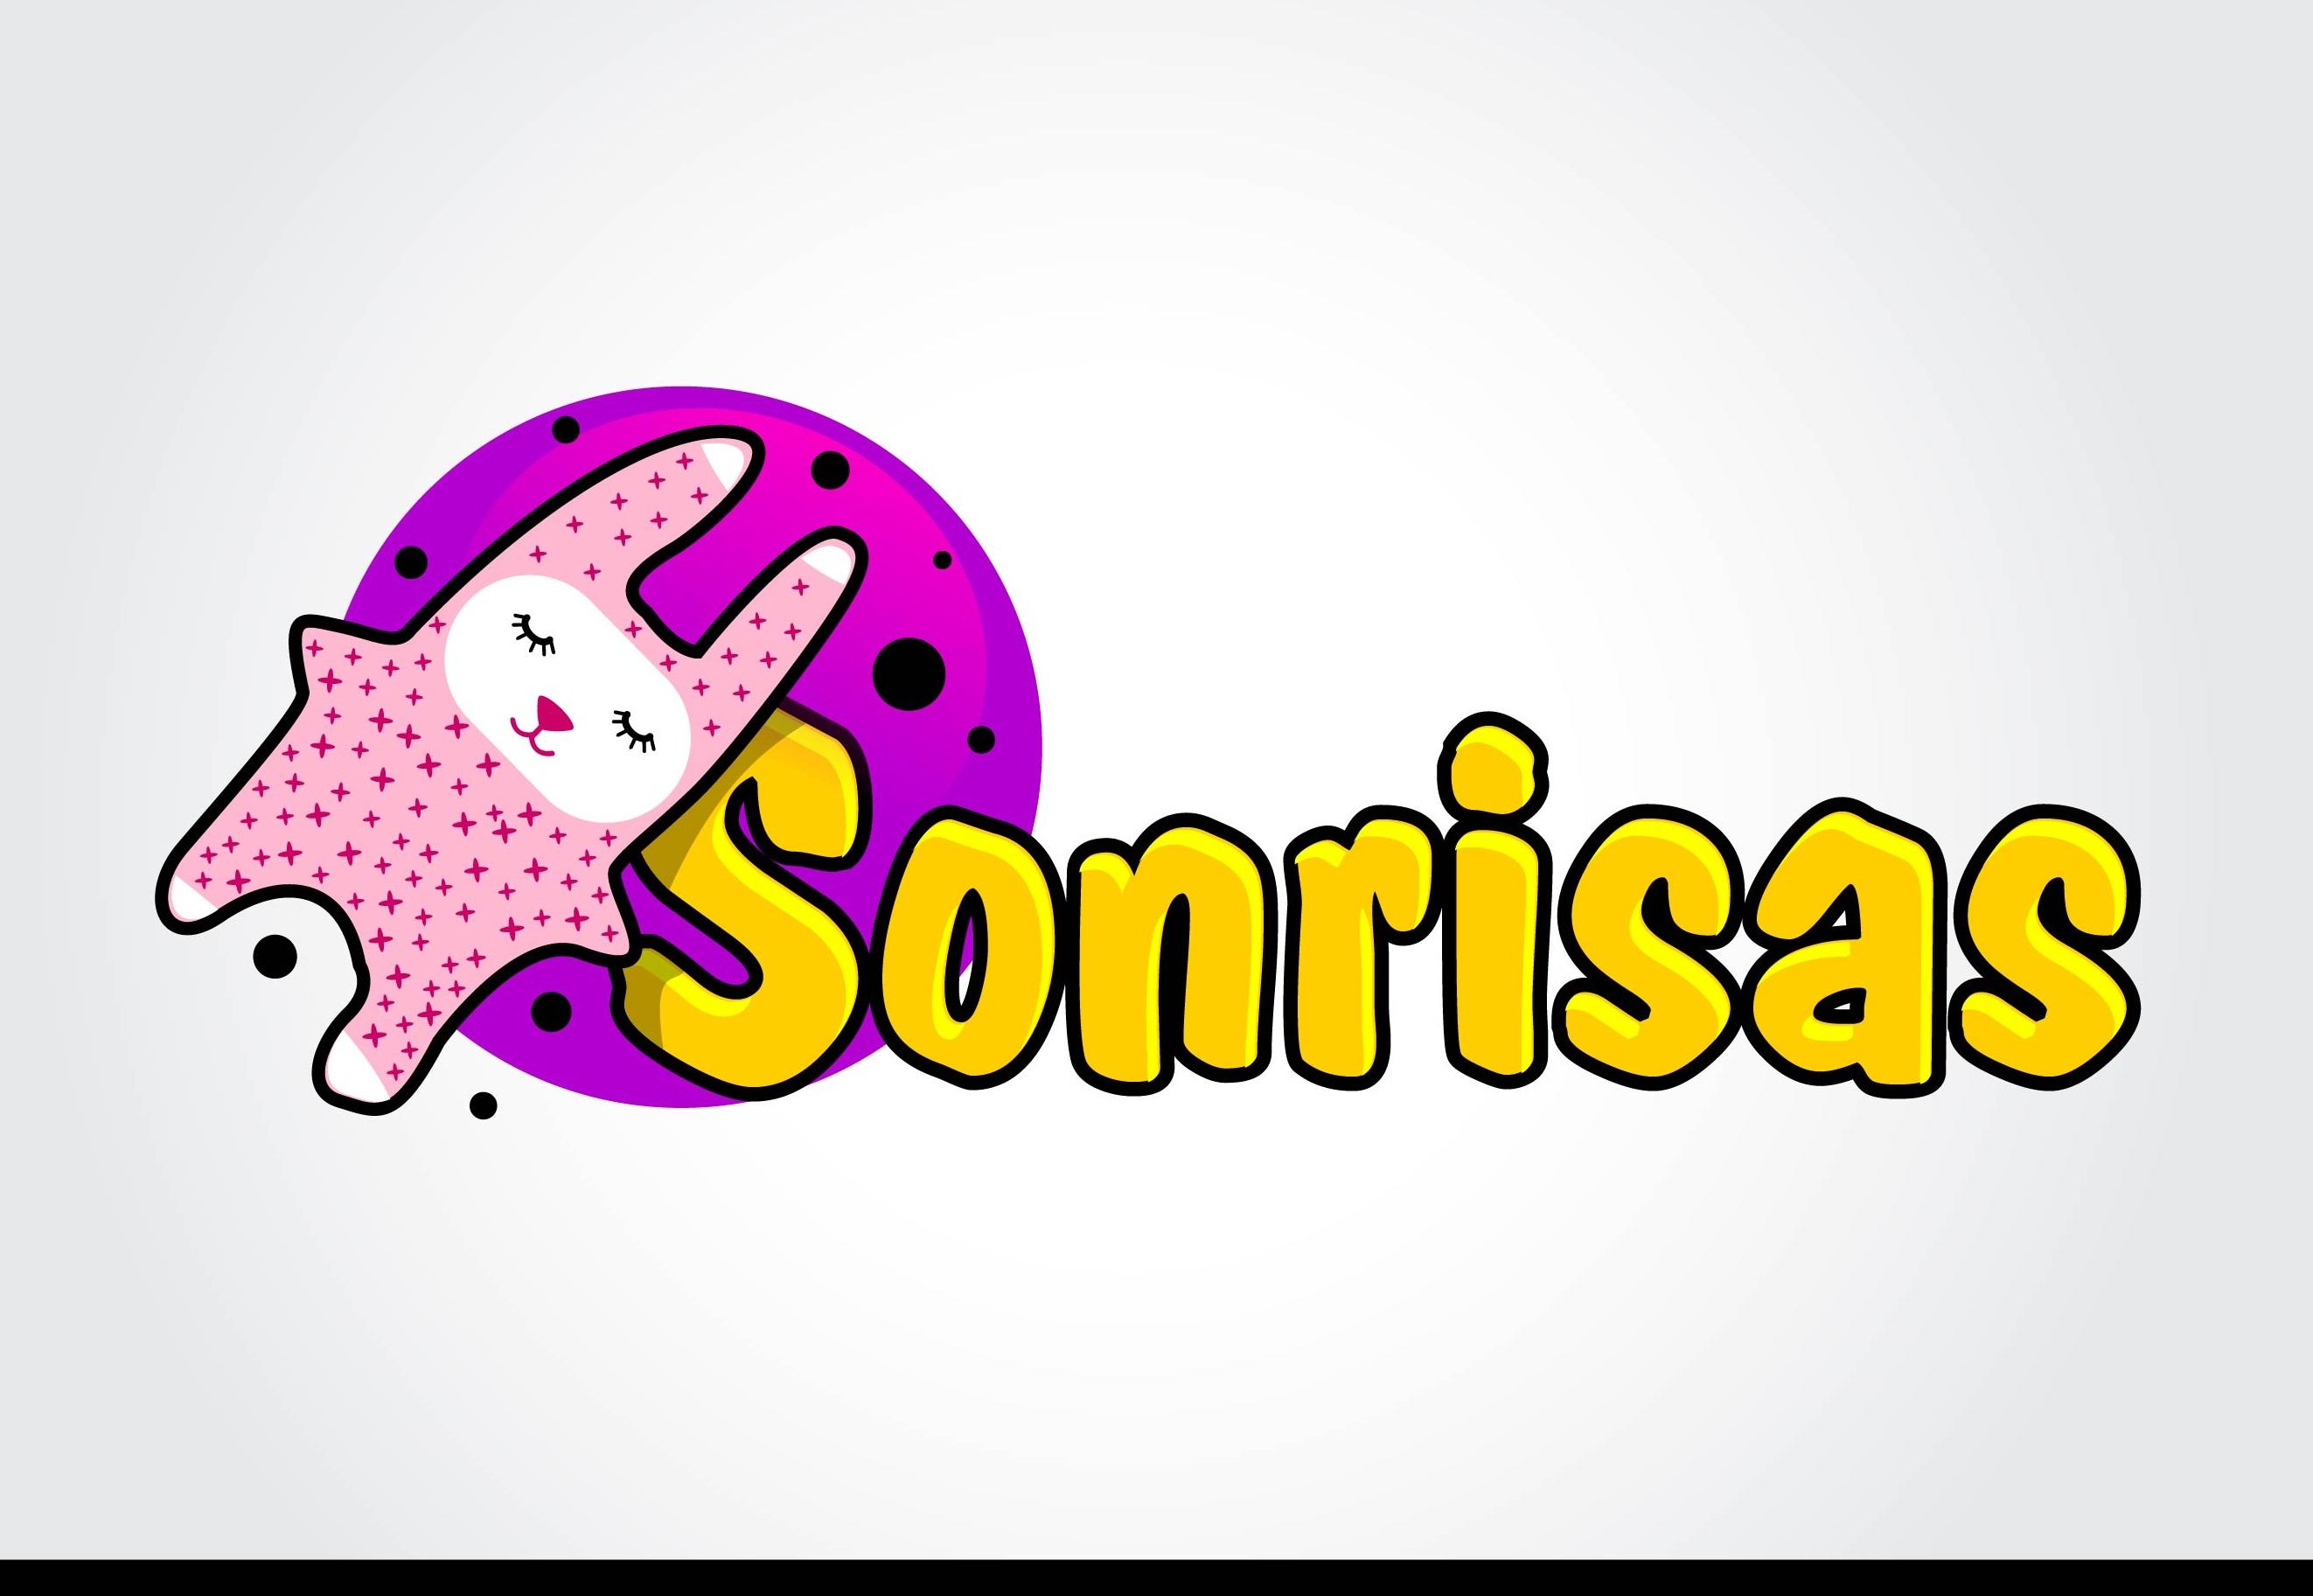 Sonrisas logo design